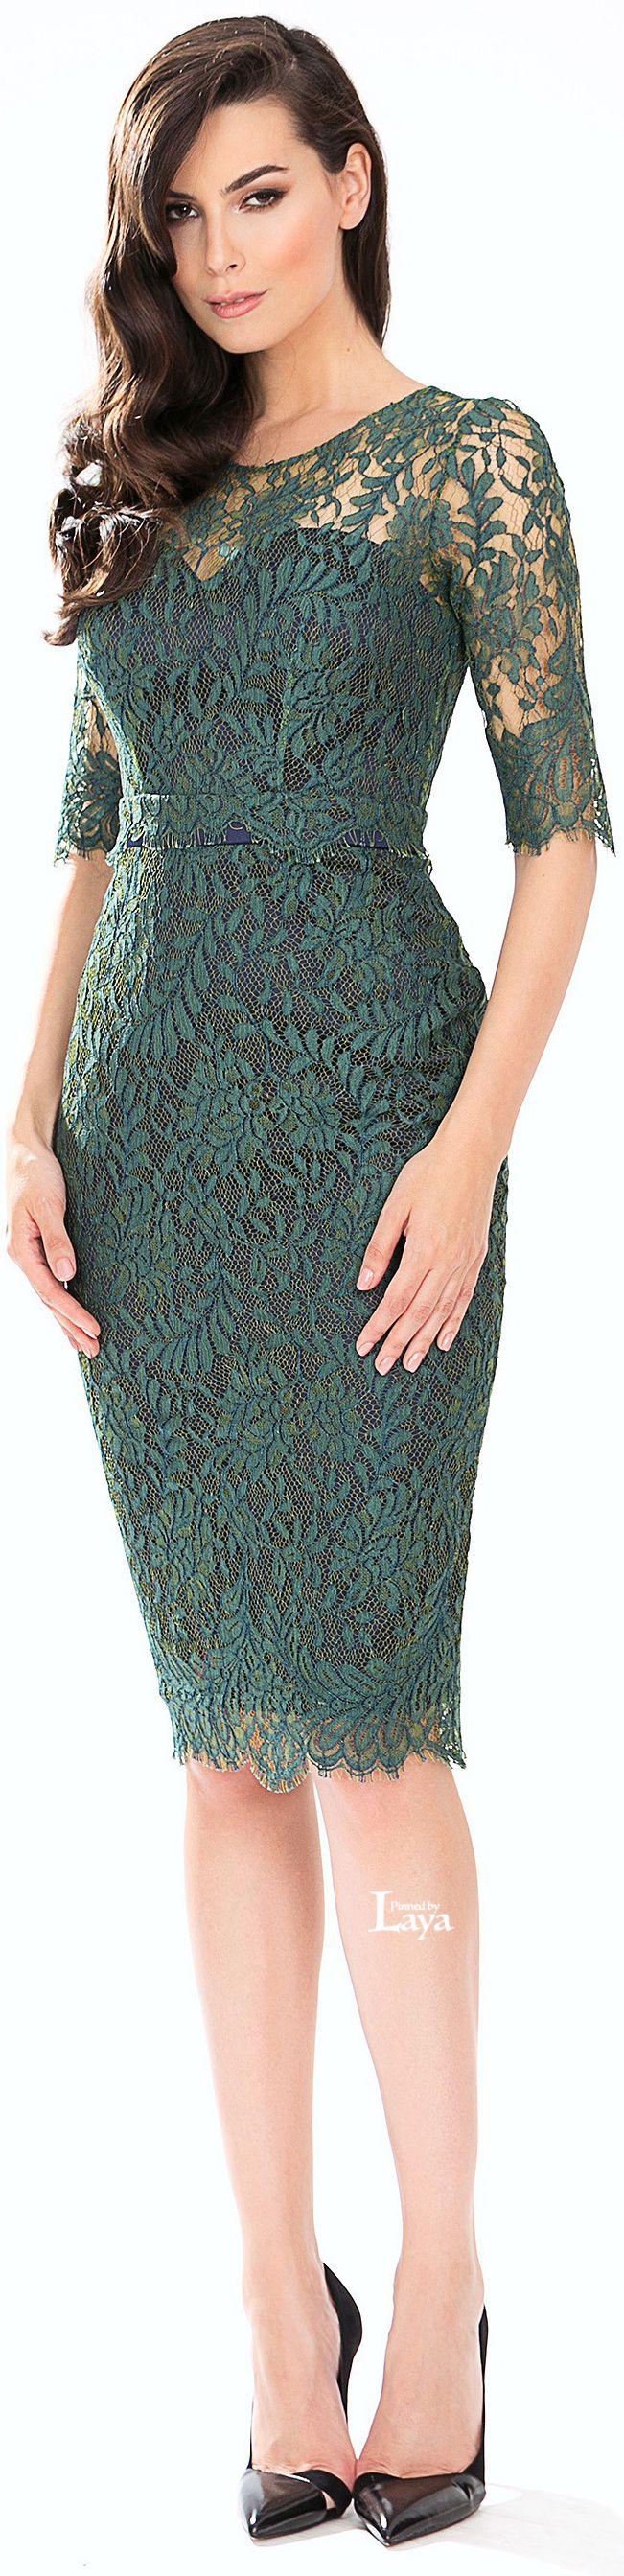 Vestido de renda  verde curto